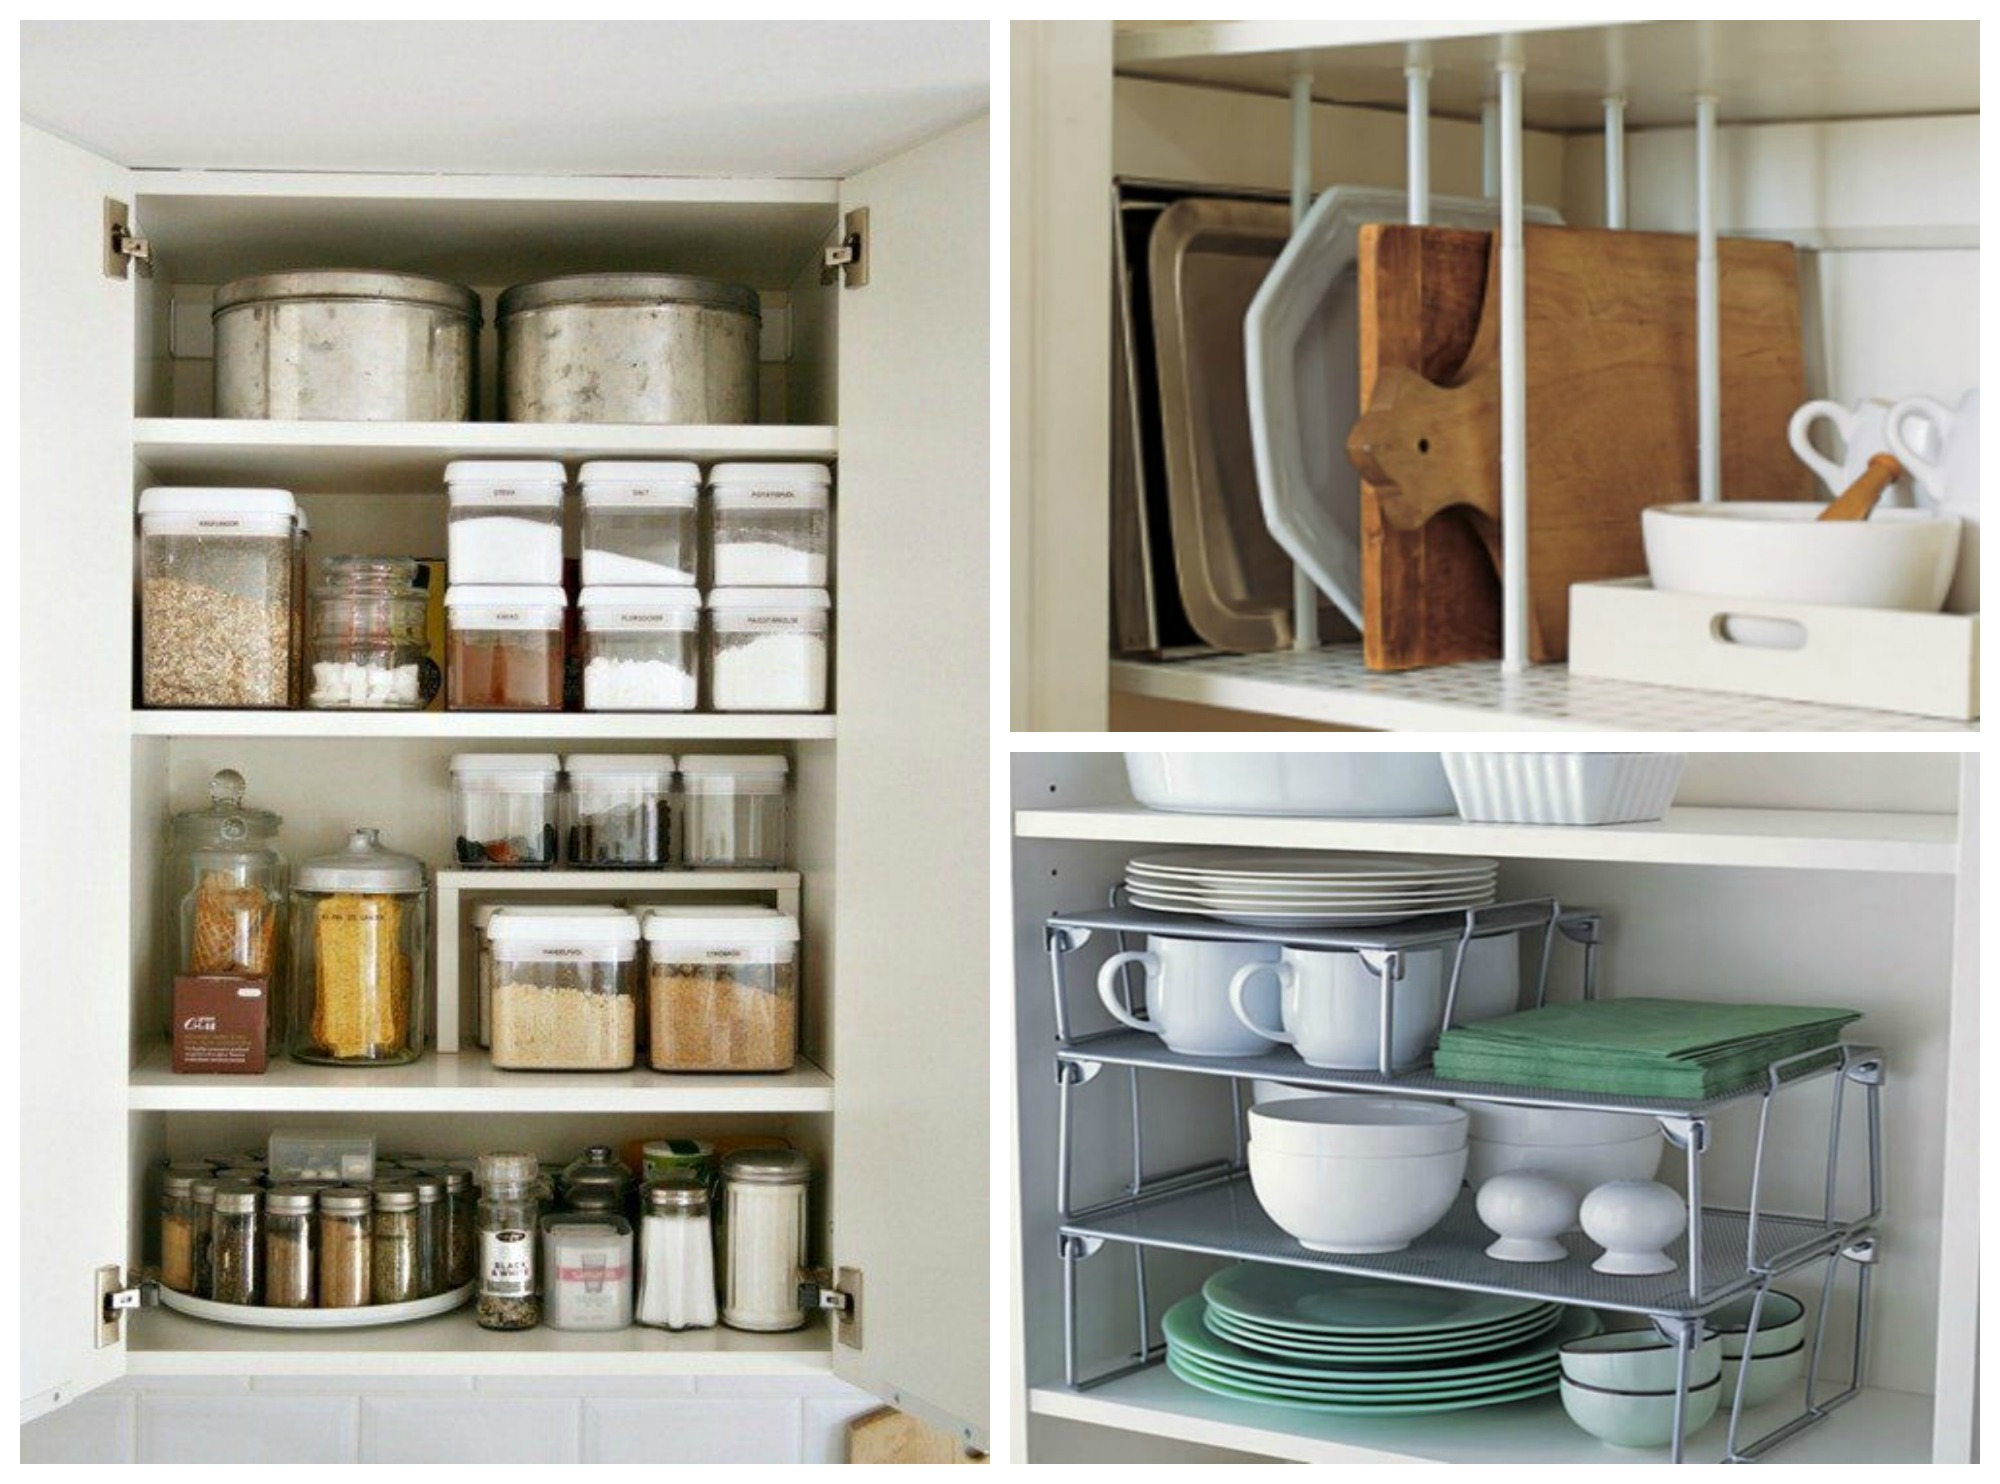 kitchen cabinet organization ideas 9 Kitchen CabiOrganization Ideas That are Beyond Easy kitchen cabinet organization ideas